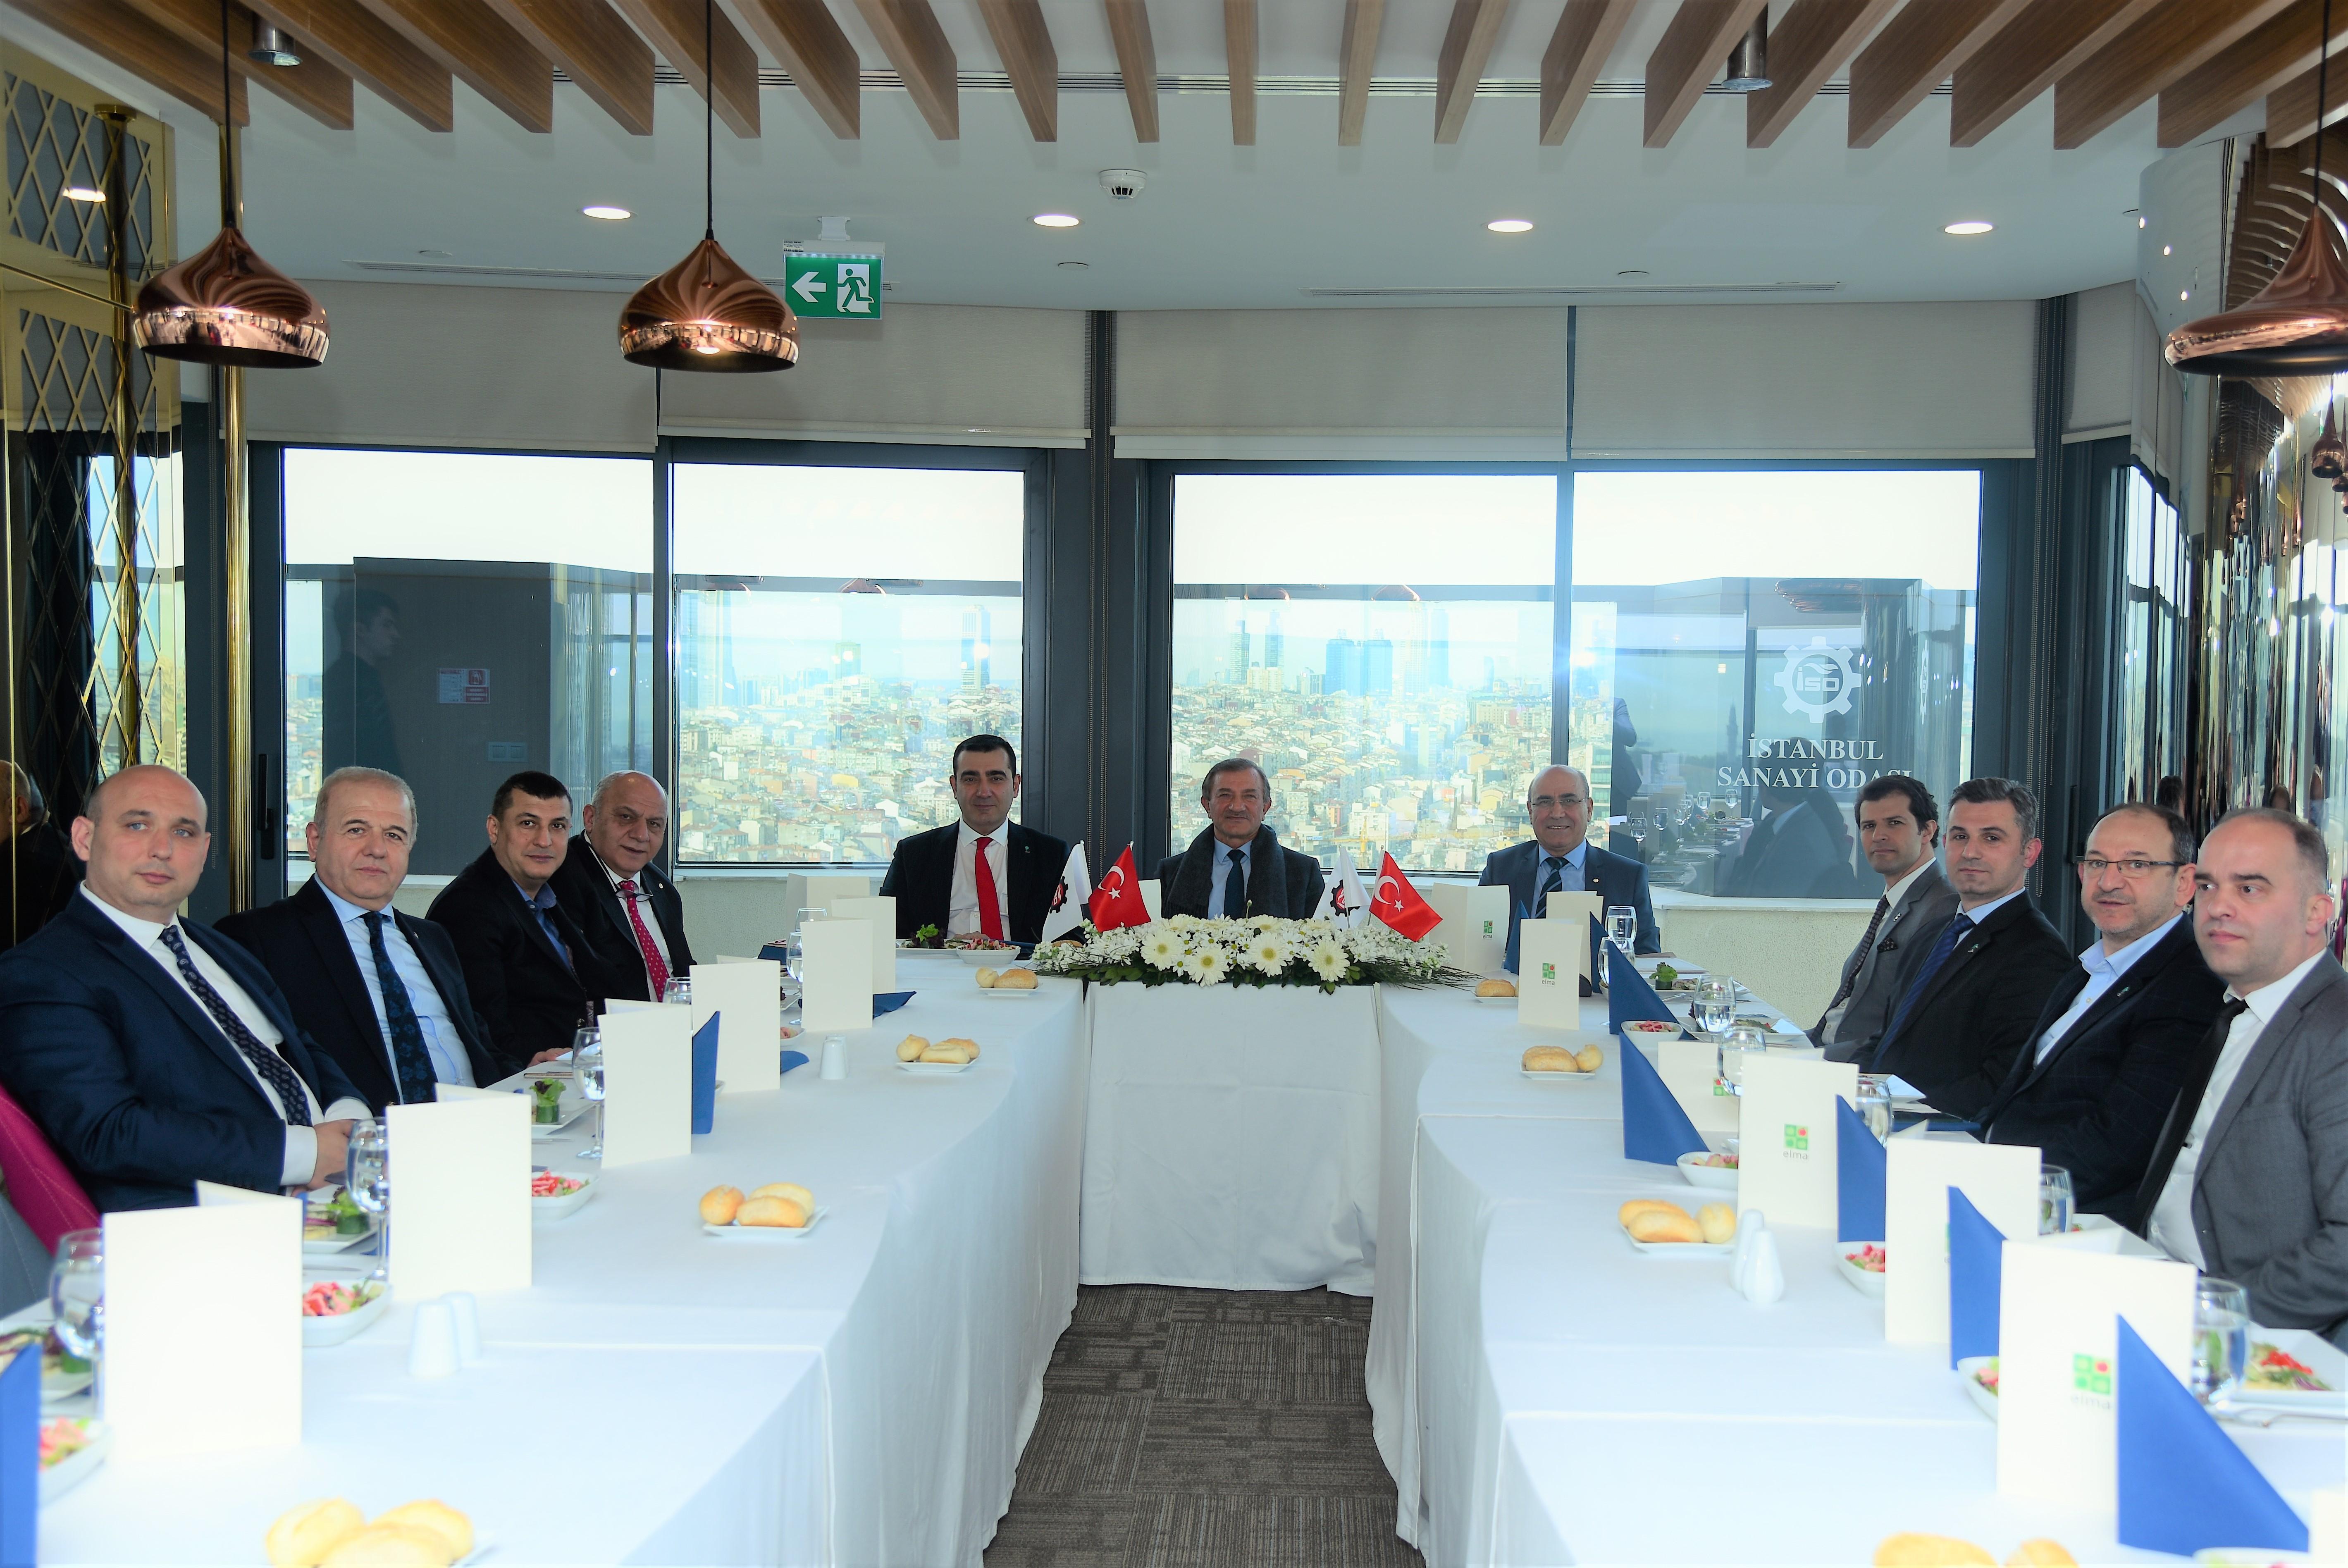 PAGEV Yönetim Kurulu, İSO 35. Grup Meslek Komitesi ile Sektör İstişare Toplantısı Gerçekleştirdi